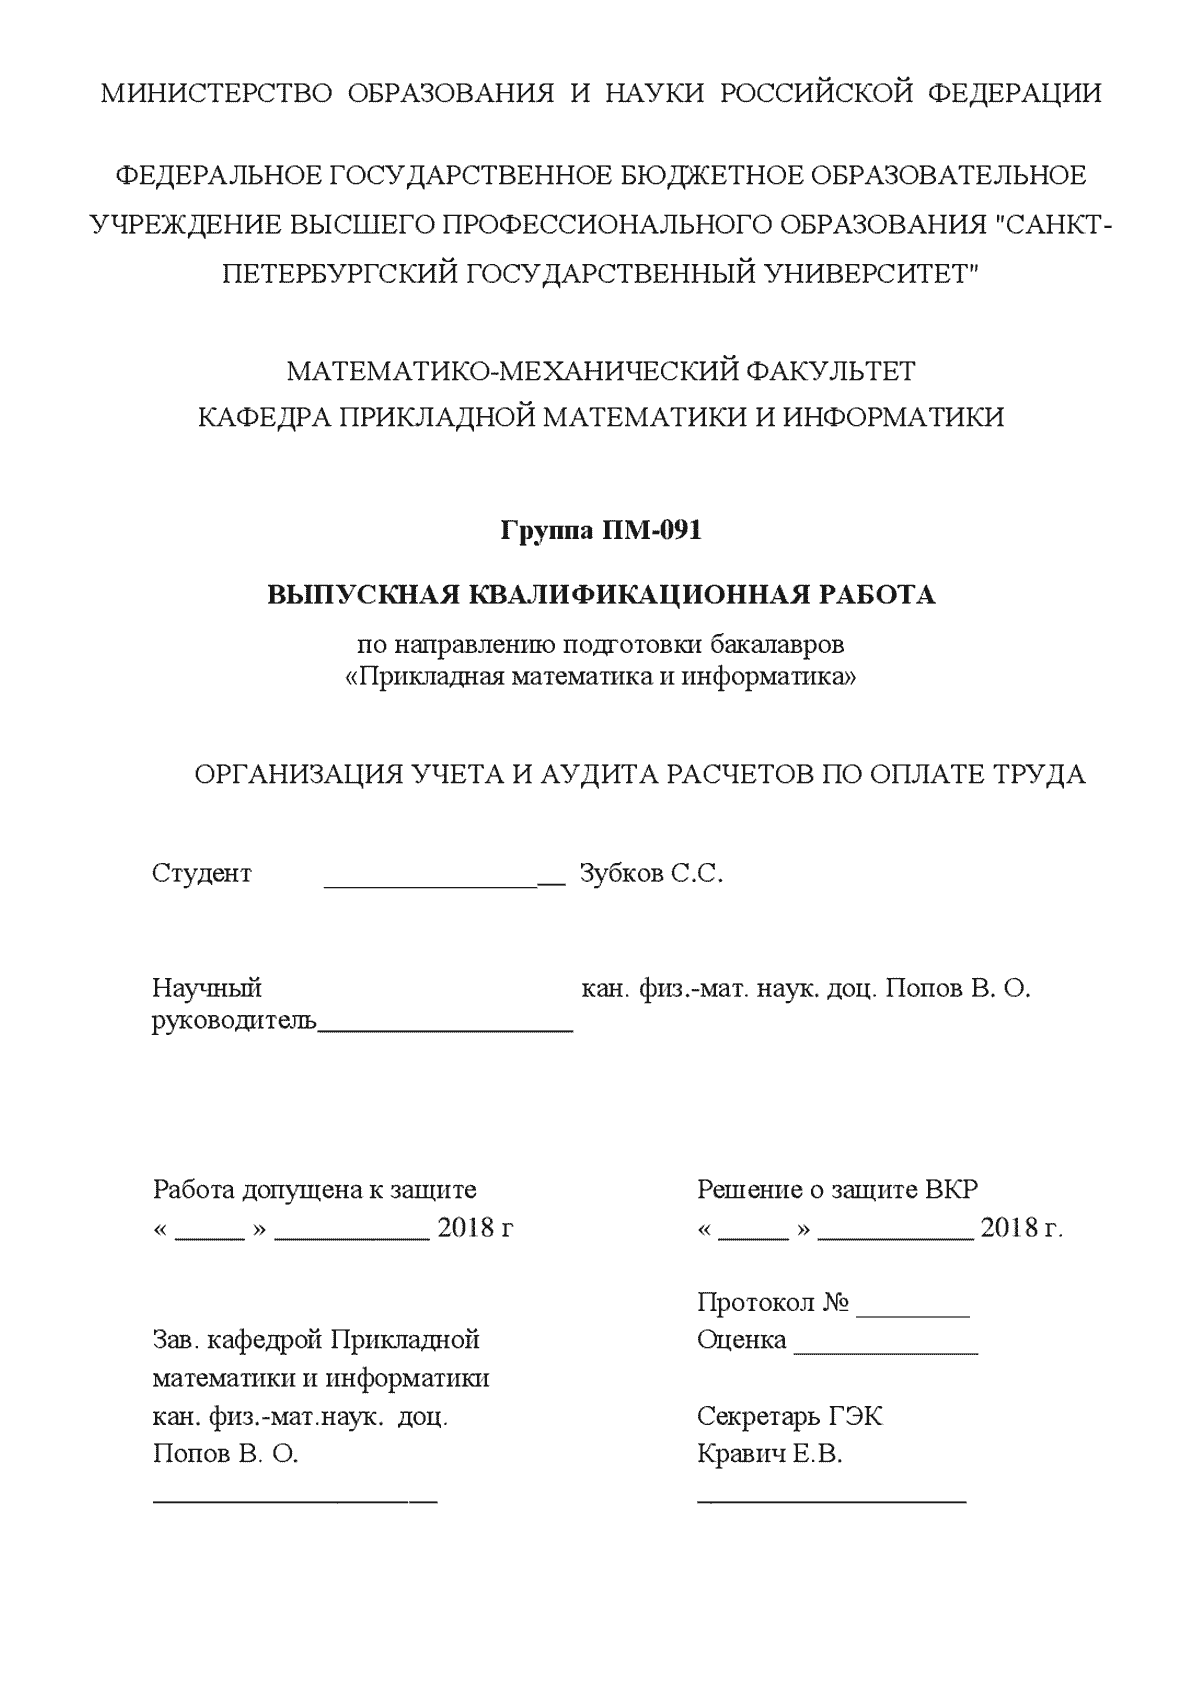 Отчет о выполнении дипломной работы 9054